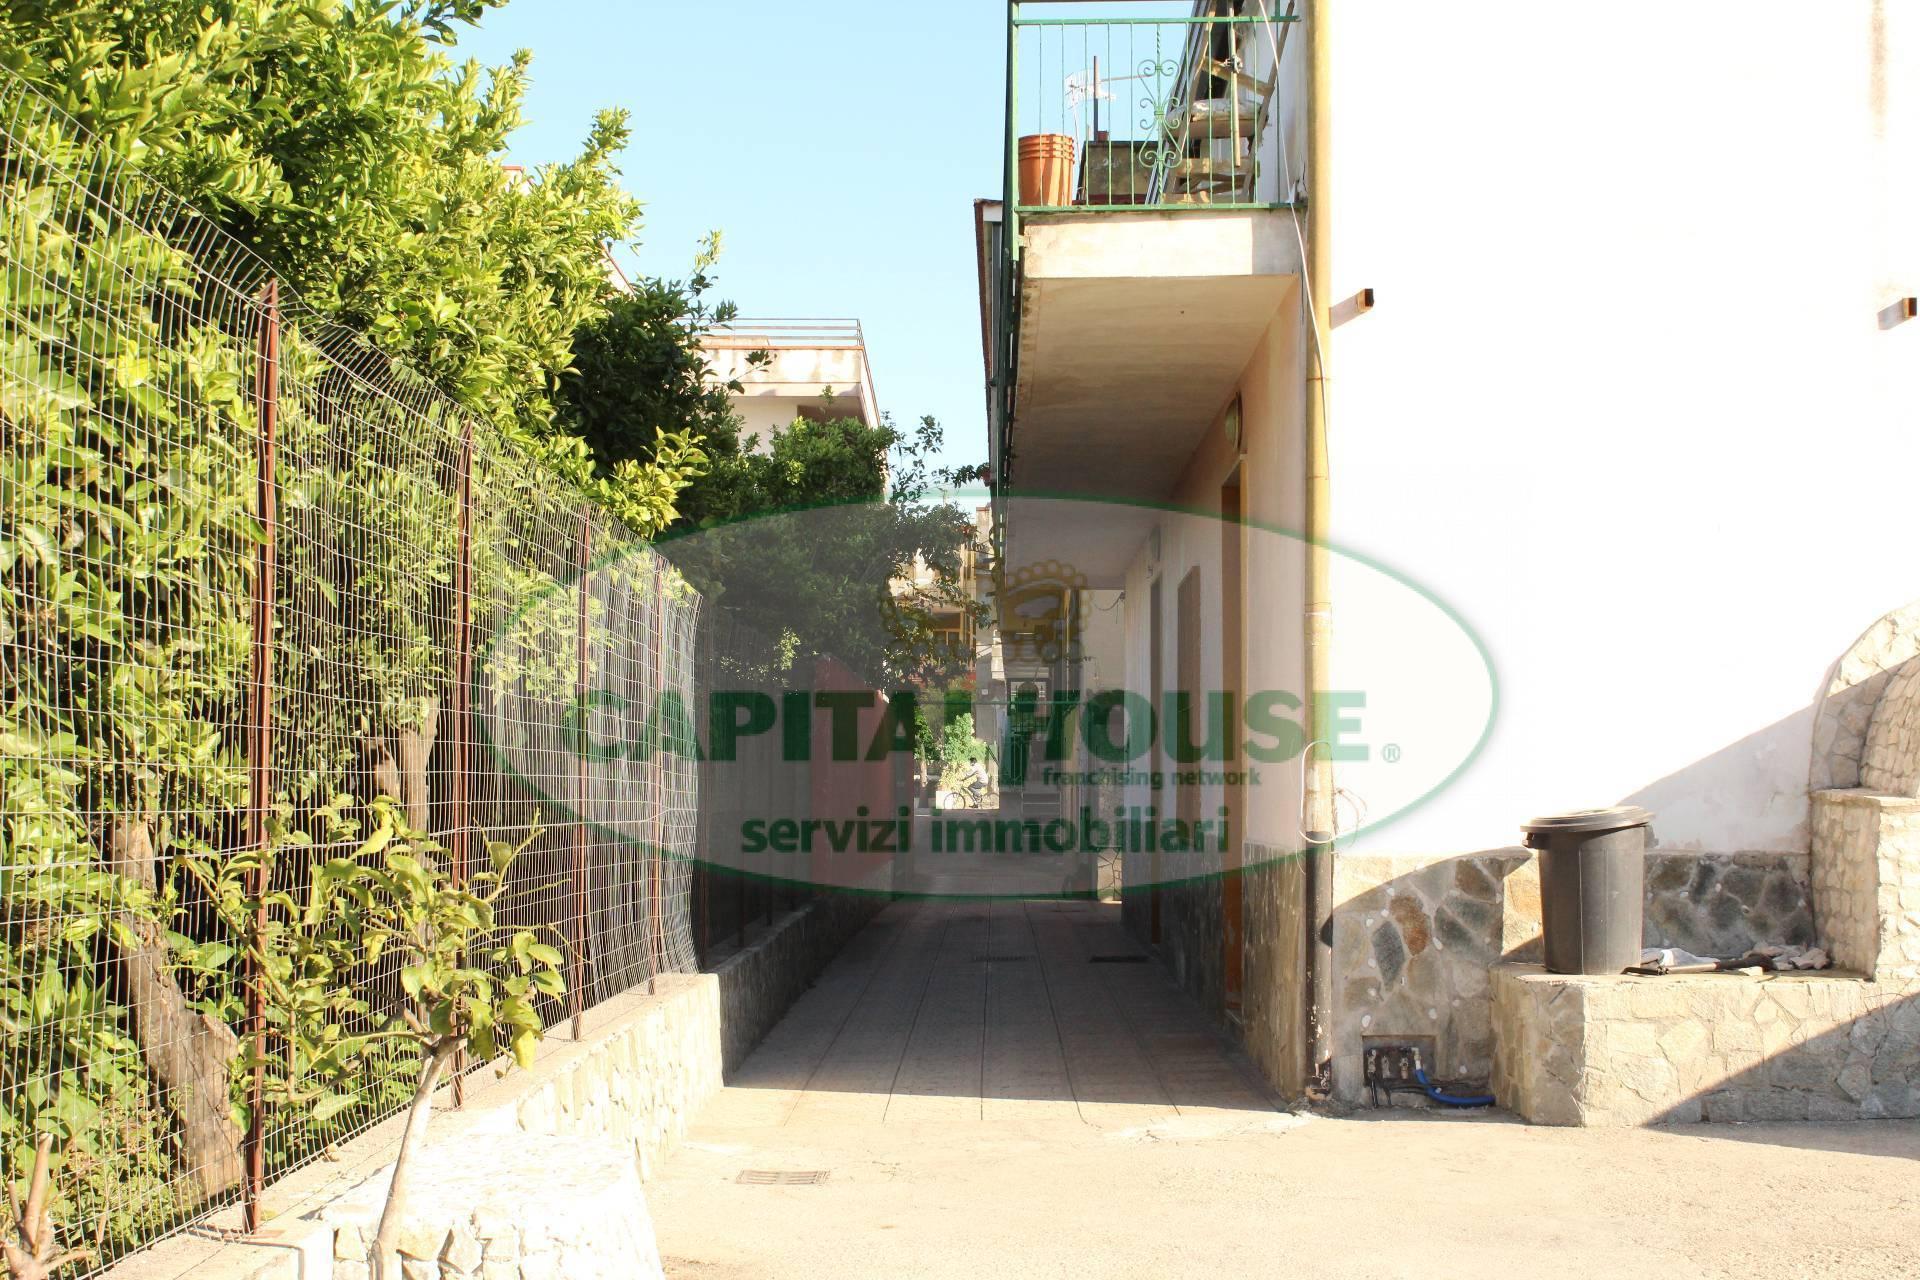 Soluzione Indipendente in vendita a San Gennaro Vesuviano, 4 locali, prezzo € 99.000 | CambioCasa.it